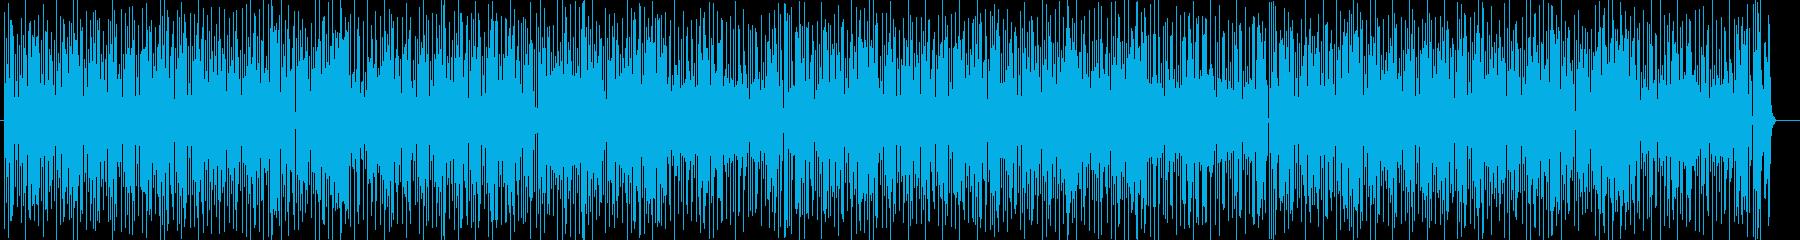 コミカルなシンセ・ゲーム音などのサウンドの再生済みの波形